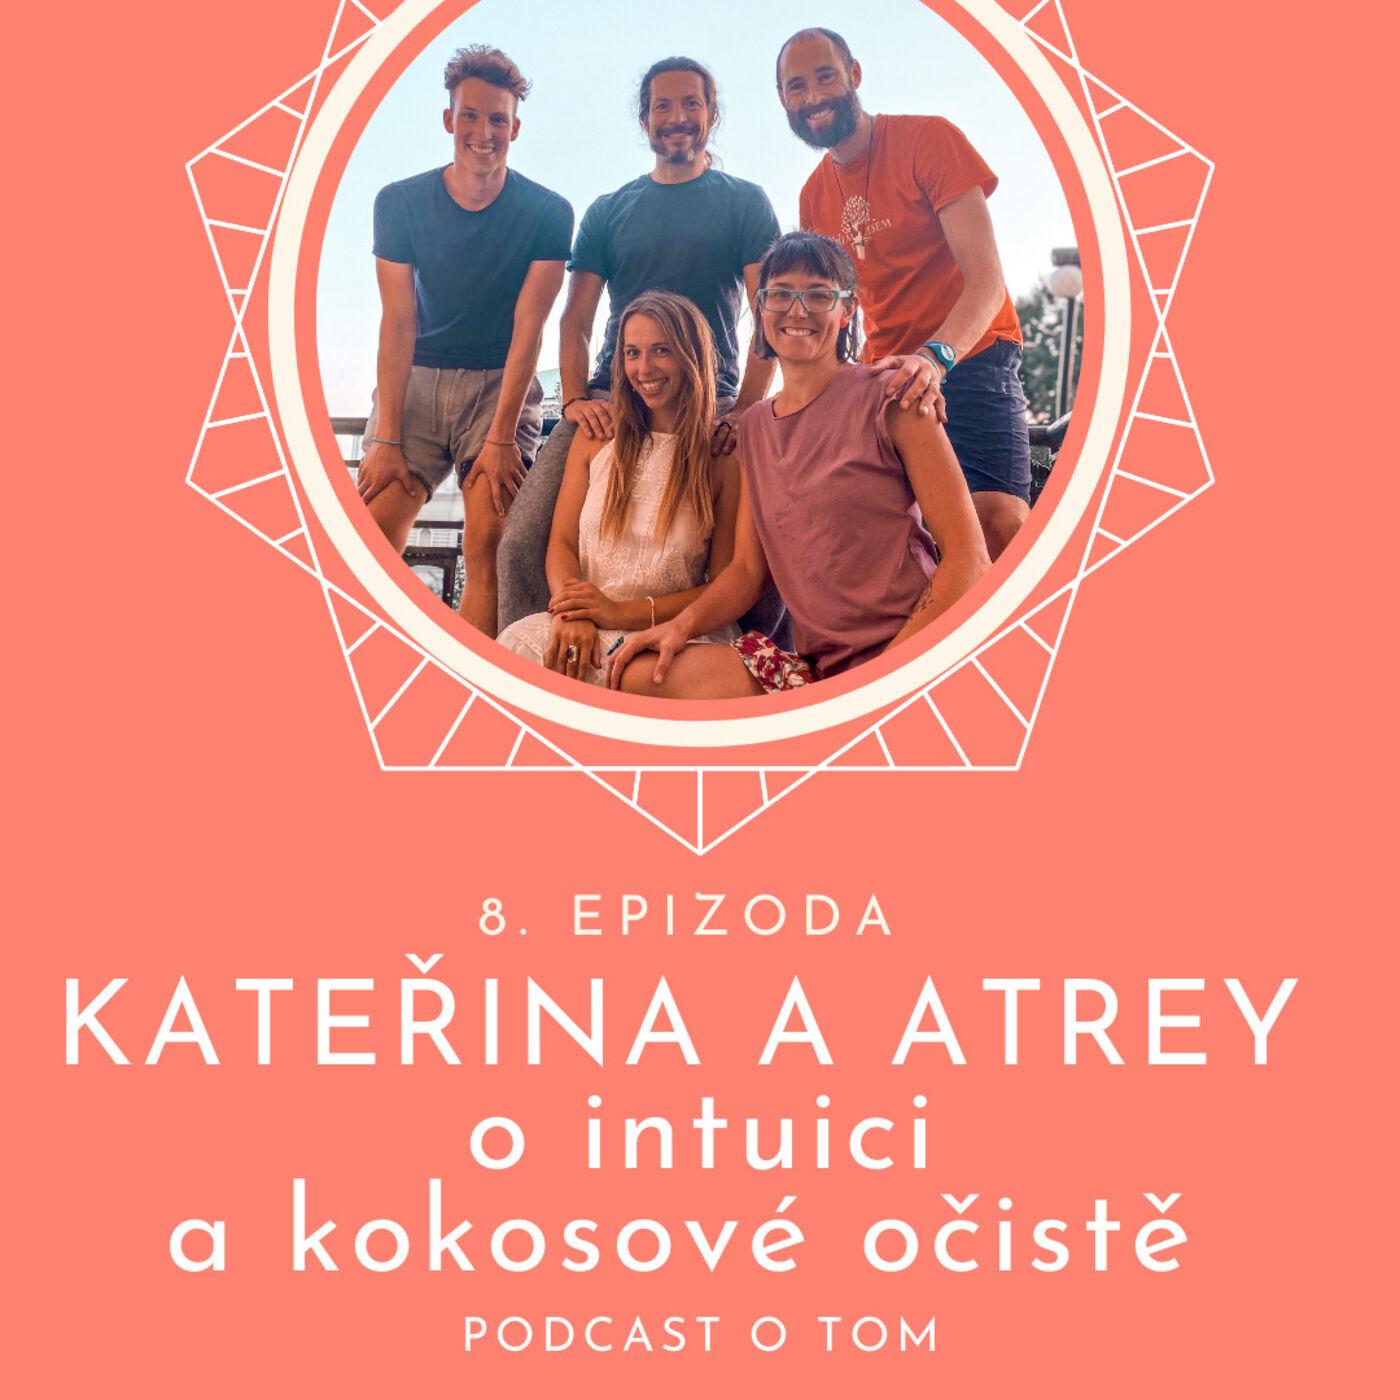 8. epizoda - O intuici a kokosové očistě / rozhovor s Kateřinou Andělovou a Filipem Atreyem Říhou